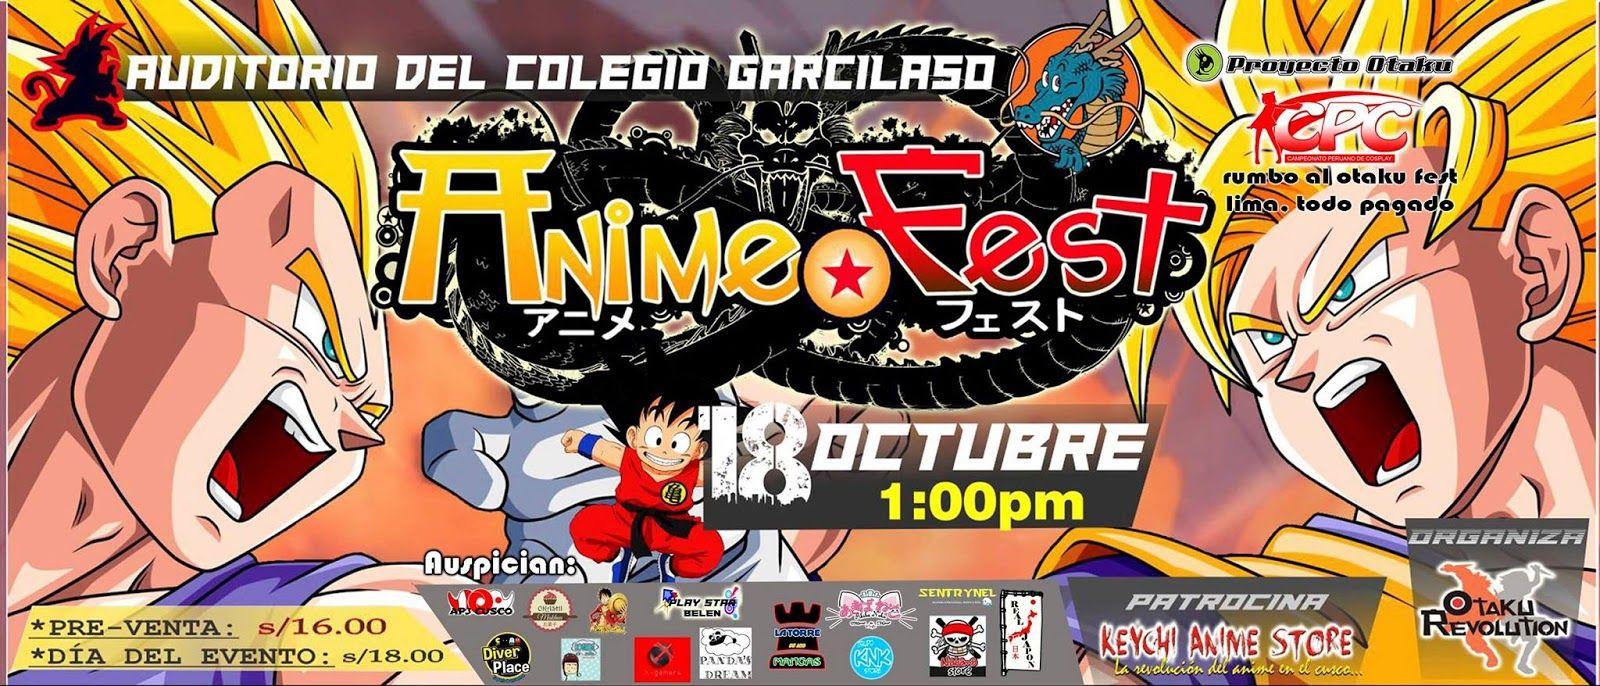 ANIME FEST DRAGON BALL 2015 - Lima, Peru, 18 de Octubre 2015